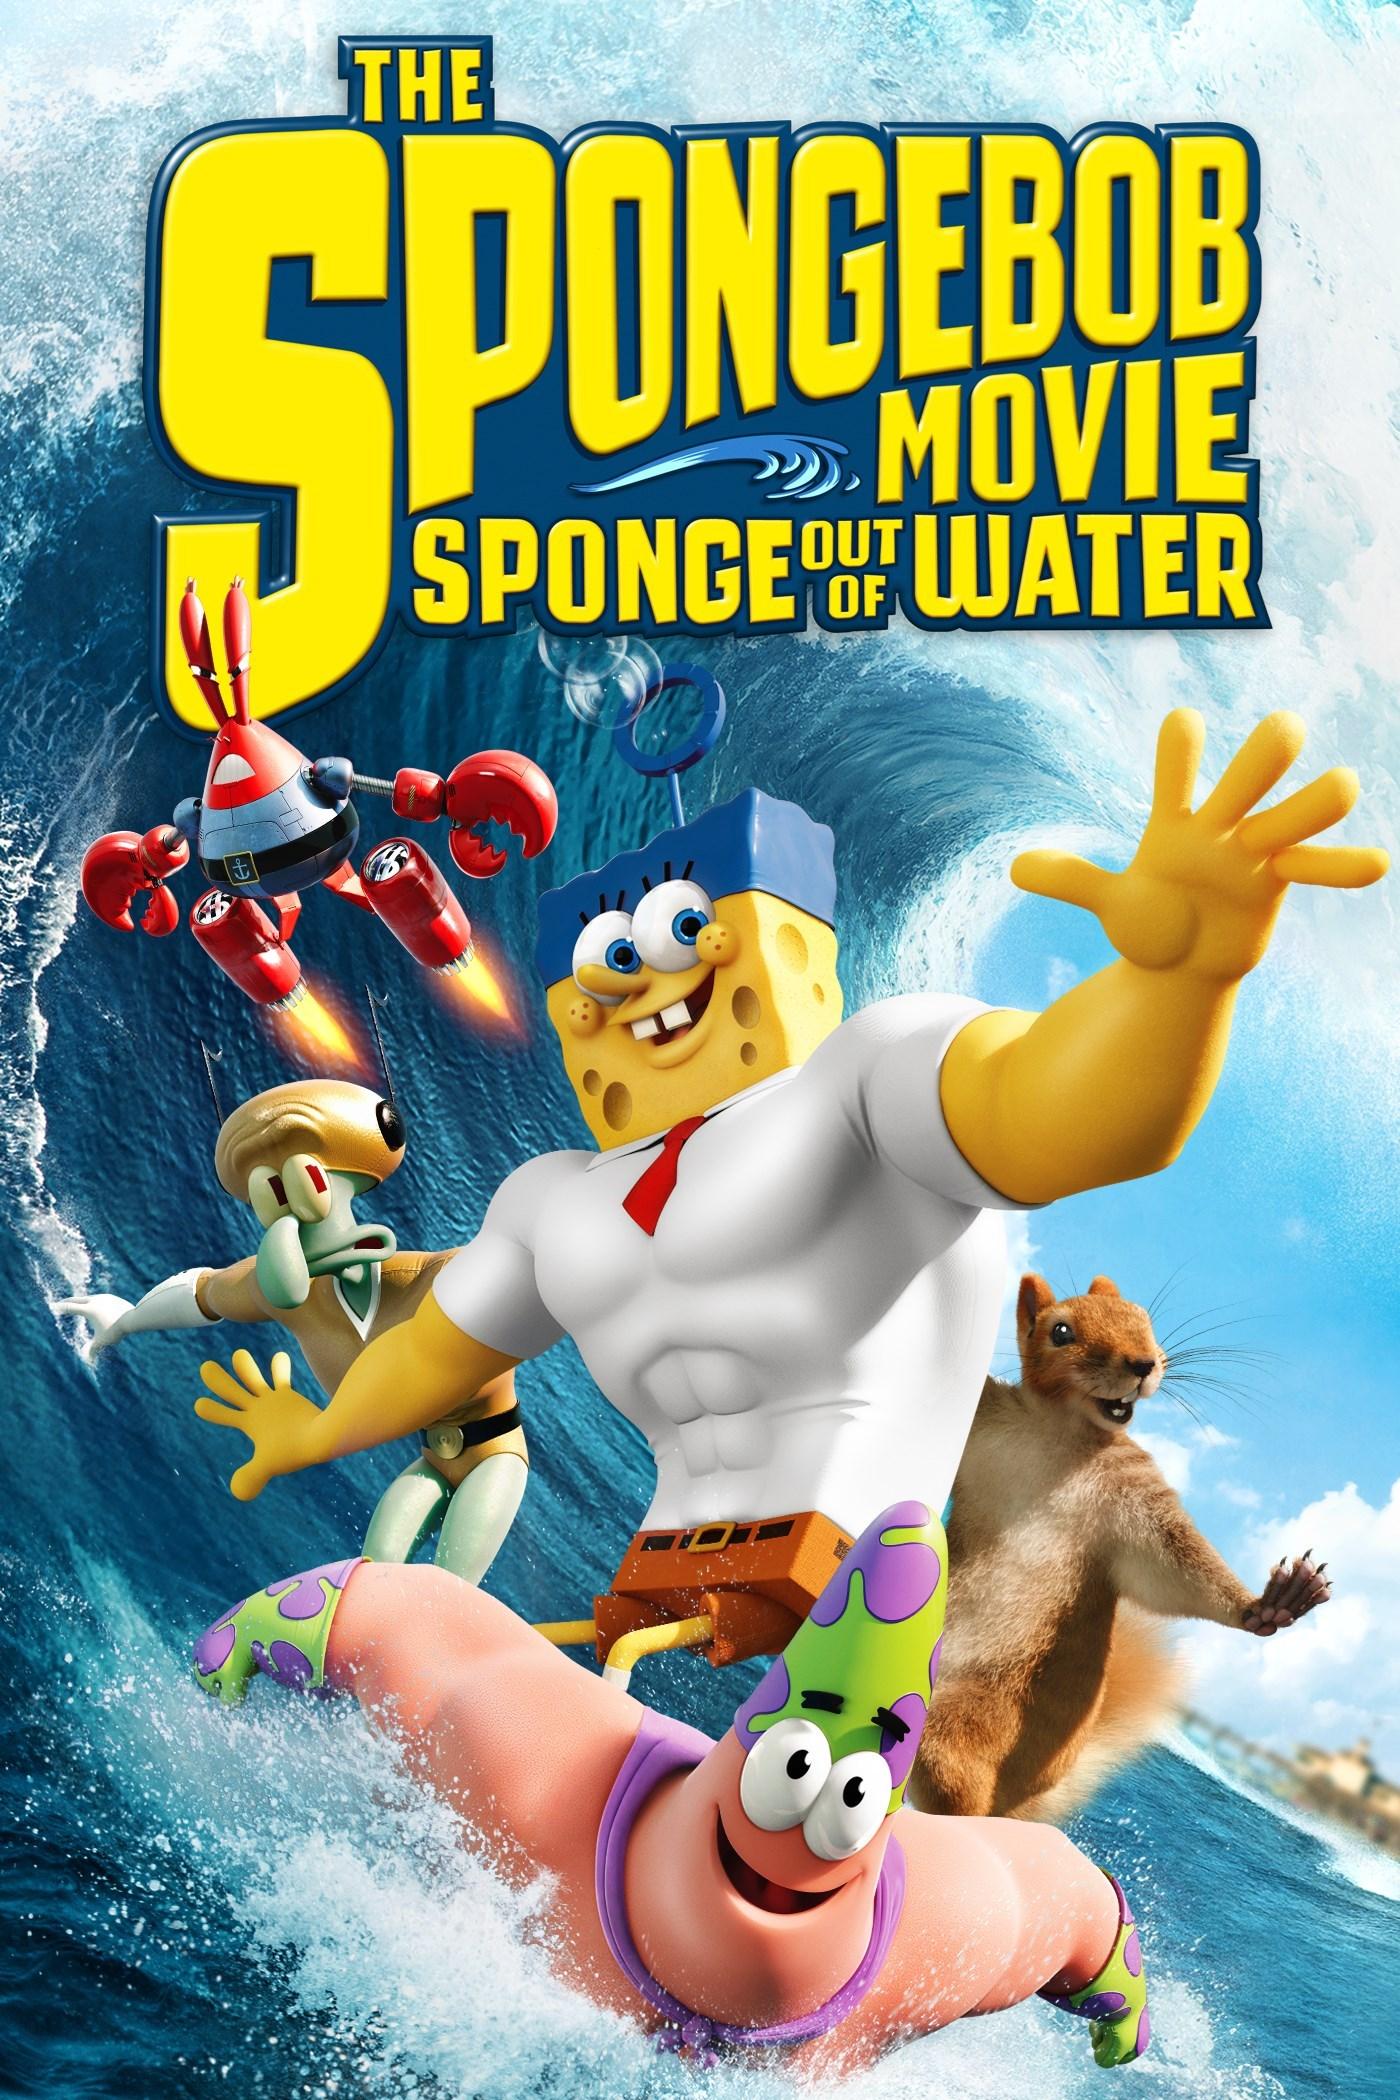 the-spongebob-movie-sponge-out-of-water.35862.jpg